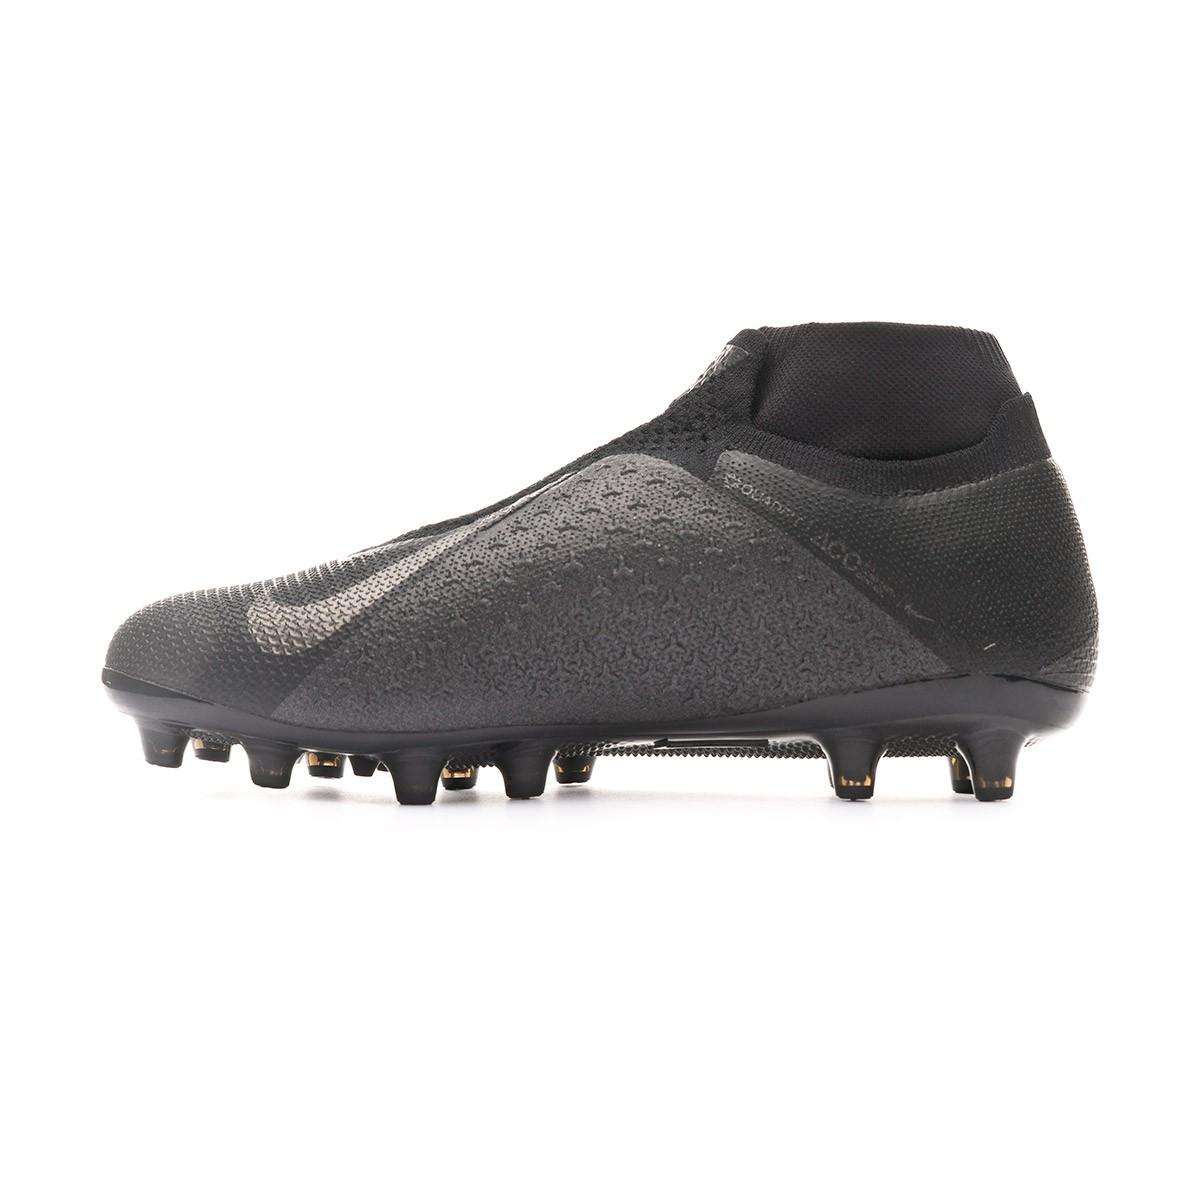 e7016b0b7 Football Boots Nike Phantom Vision Elite DF AG-Pro Black - Tienda de fútbol  Fútbol Emotion